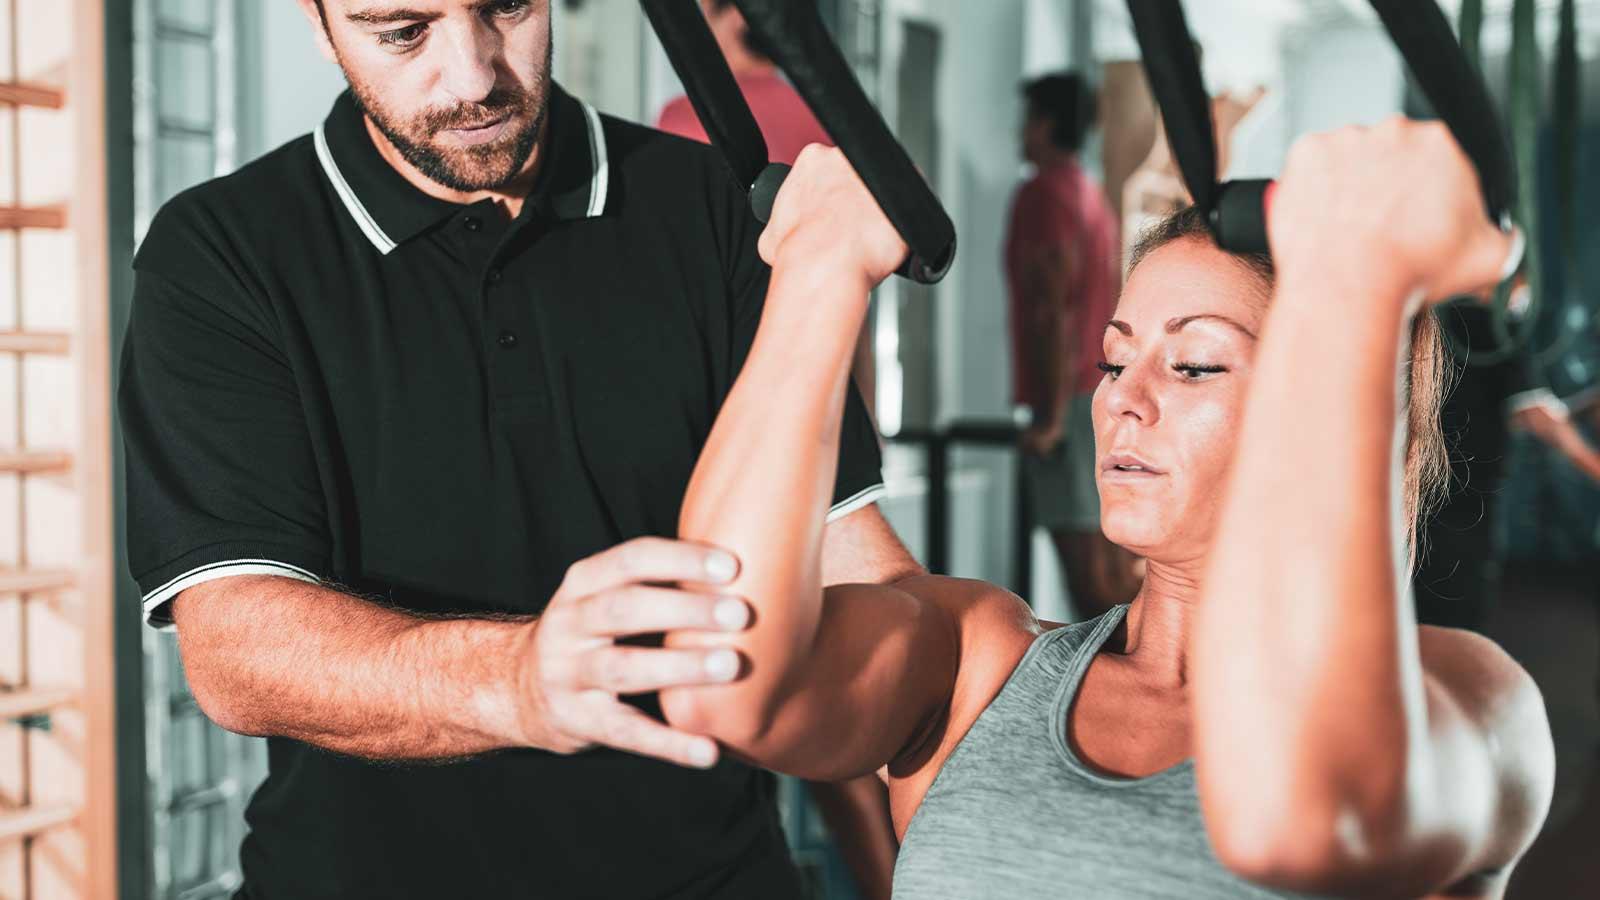 Gymnastique A Faire Chez Soi découvrez 13 exercices trx à faire chez vous parmi les meilleurs